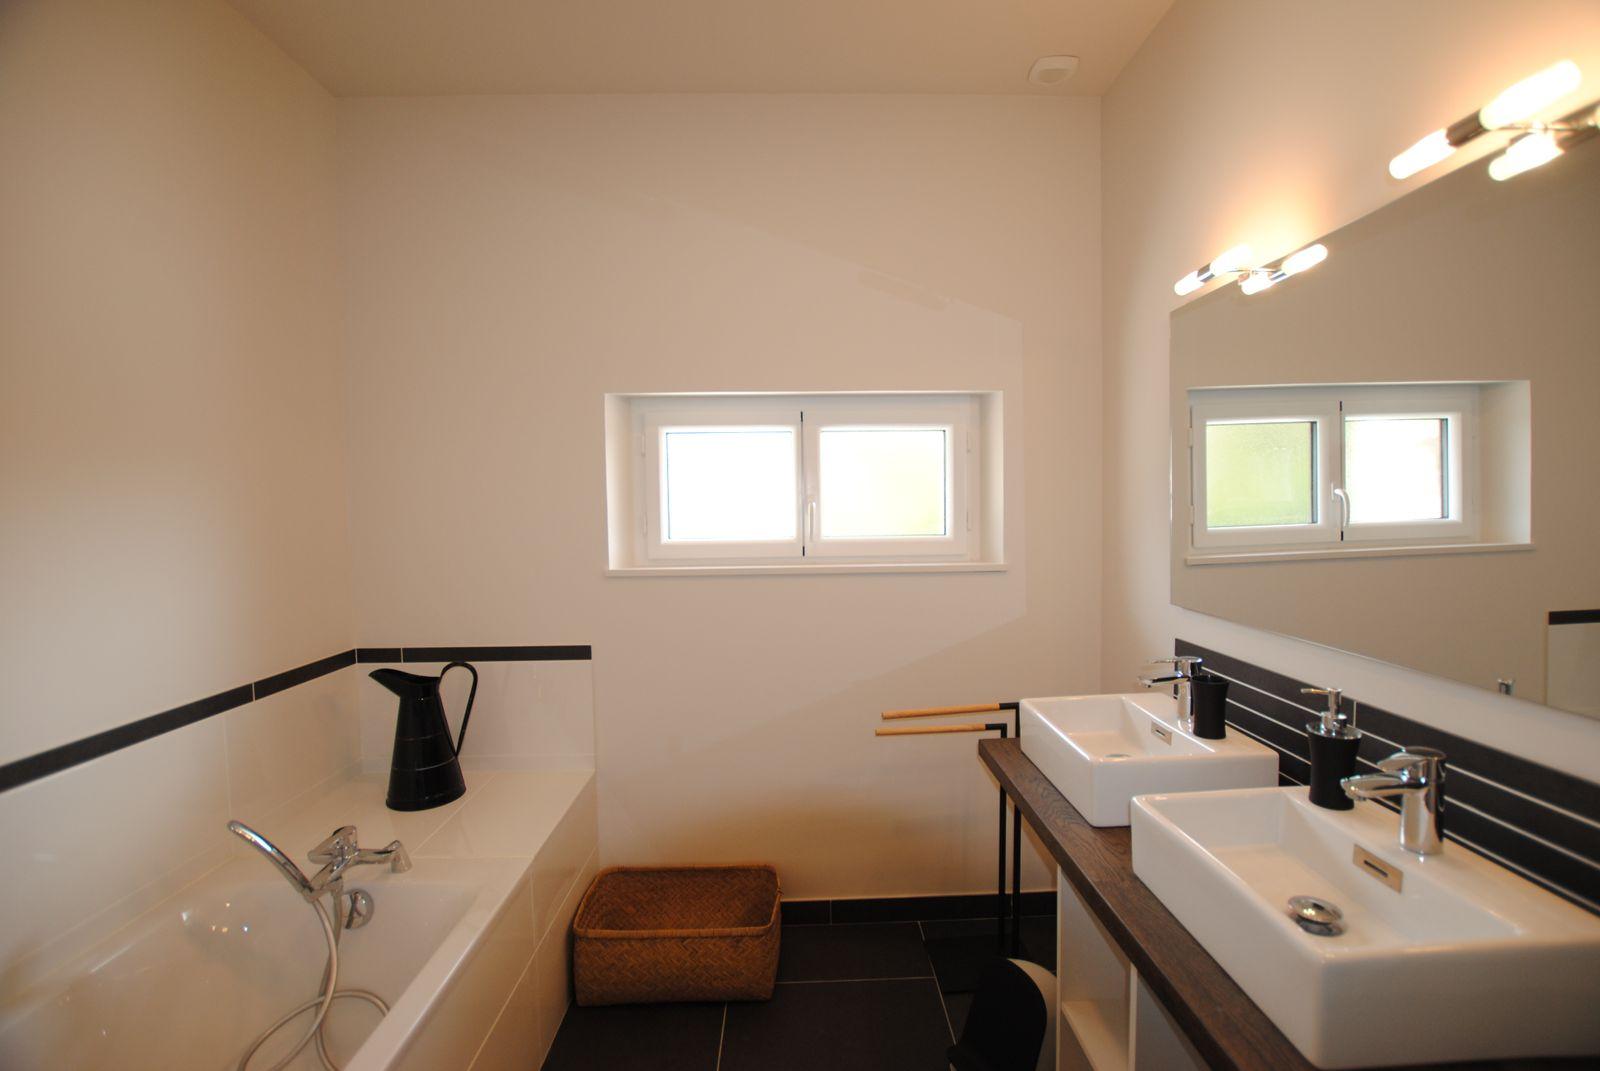 51G494 - Pogny - La Maison Gabriel - salle de bain 1er étage